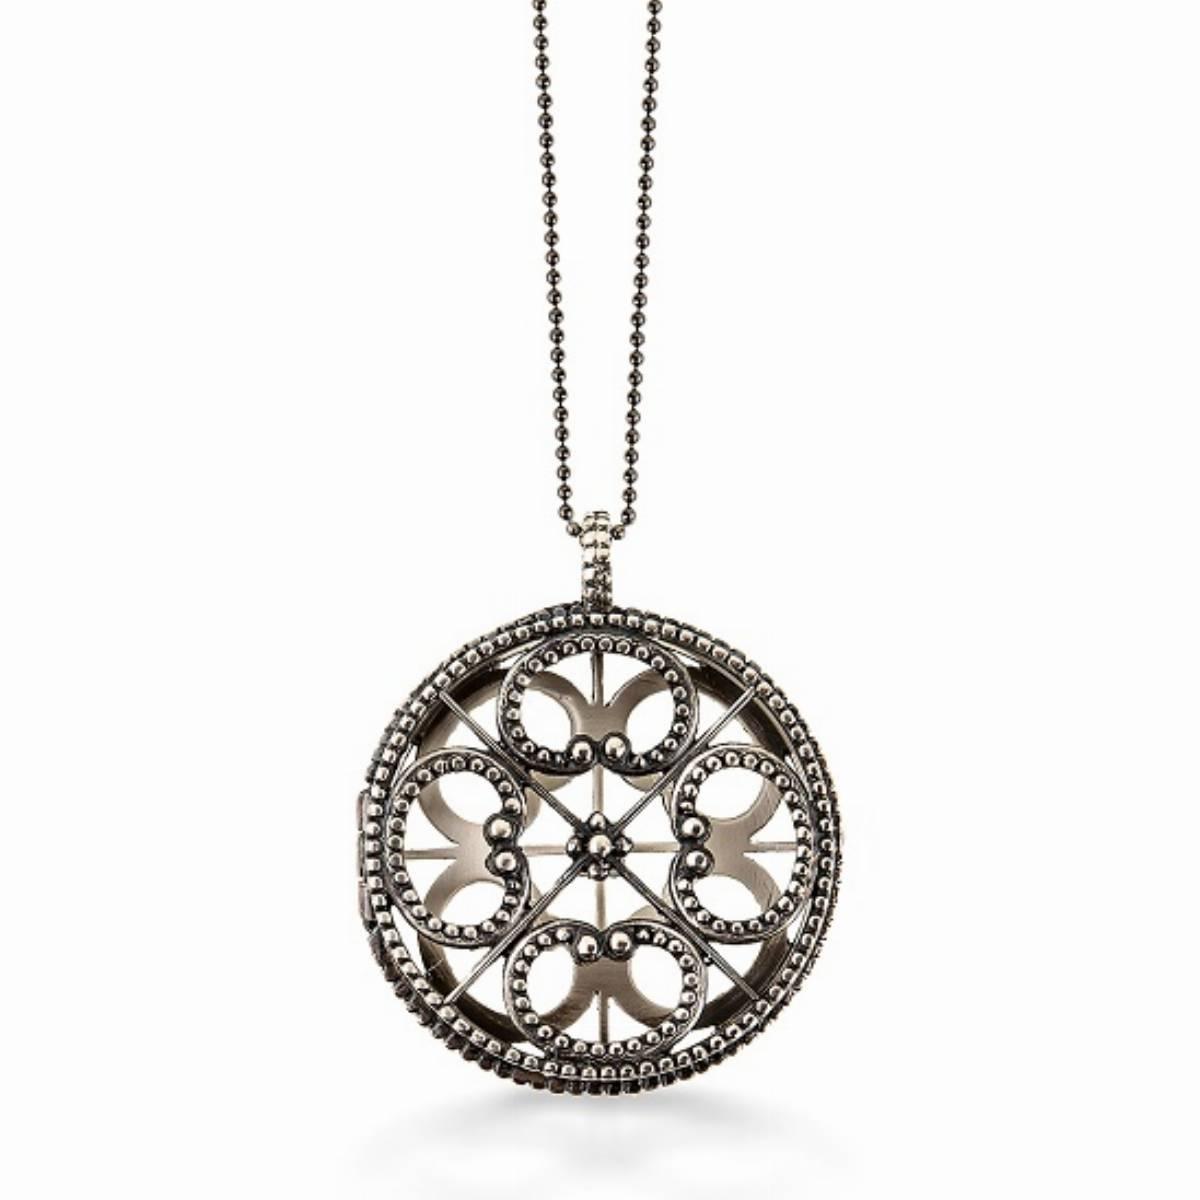 biżuteria W.Kruk-kolekcja odyseja (5)